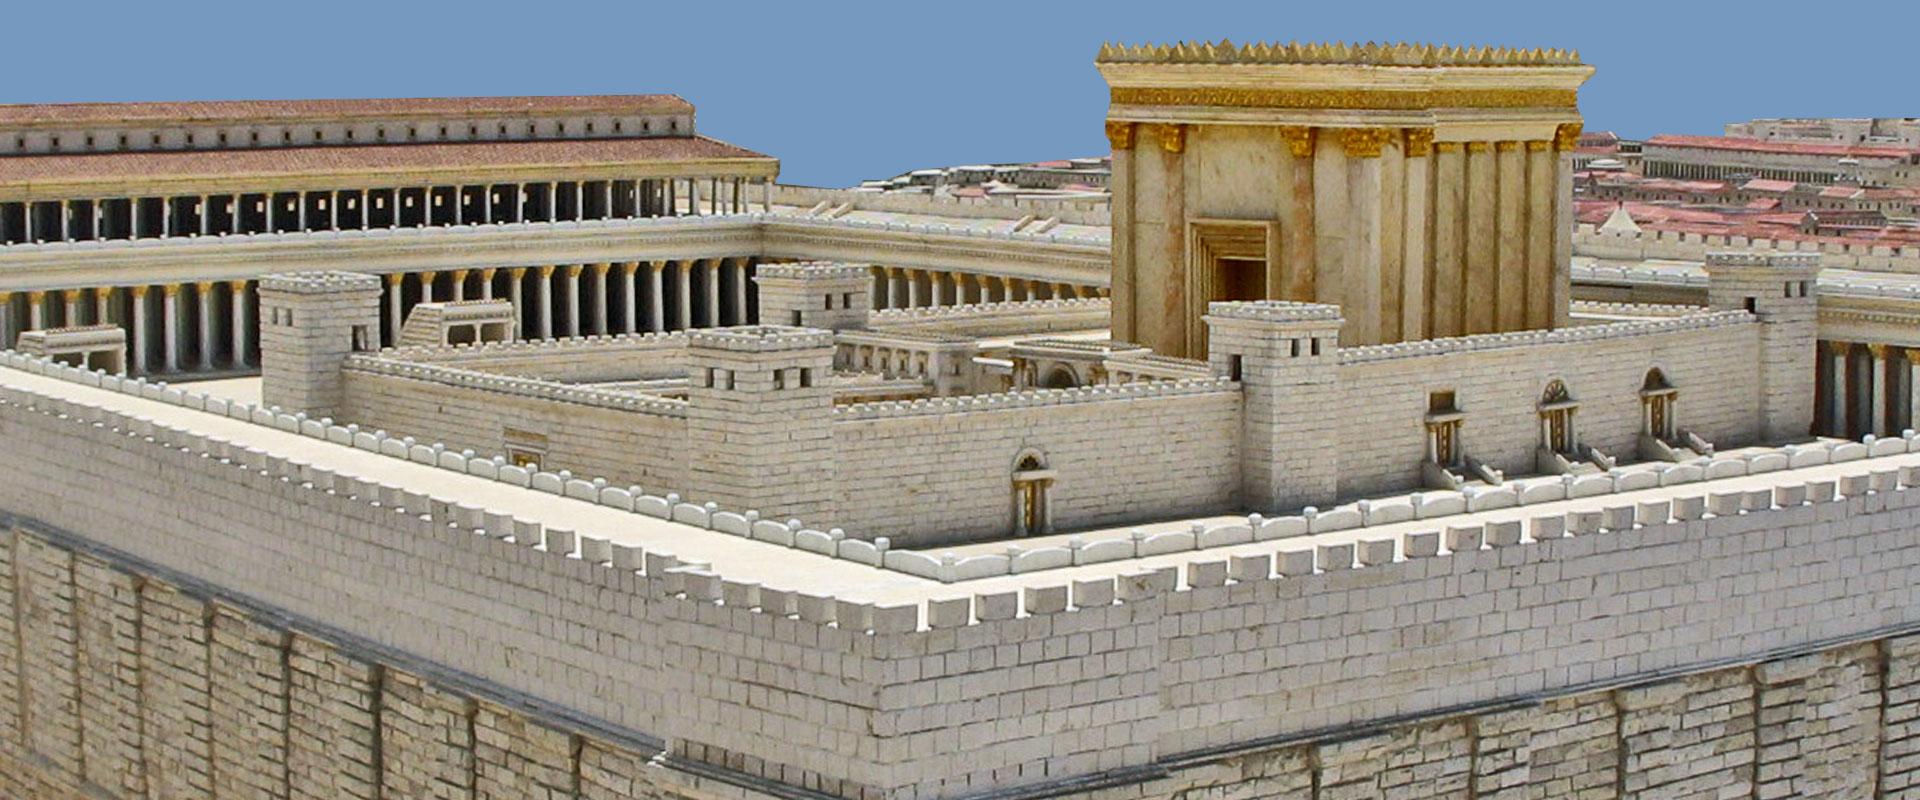 templo-de-jerusalem-reformado-por-herodes-web